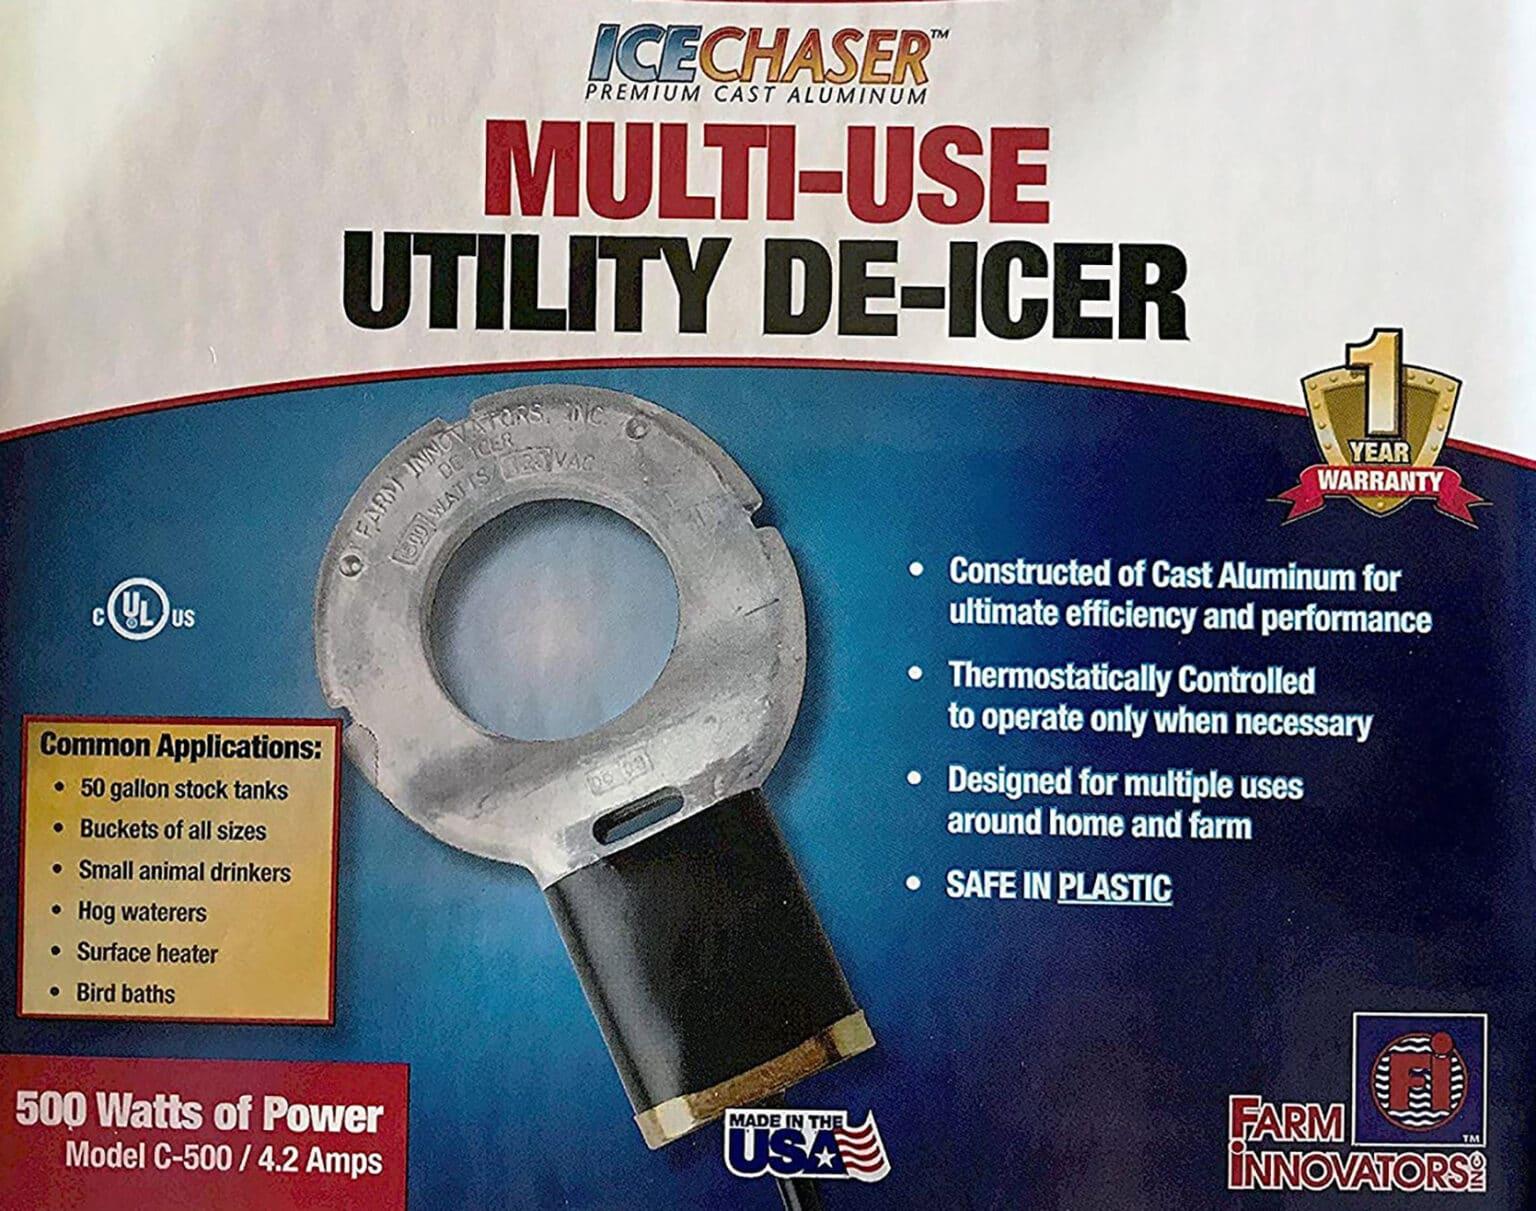 Submergible Cast Aluminum Utility De-Icer review